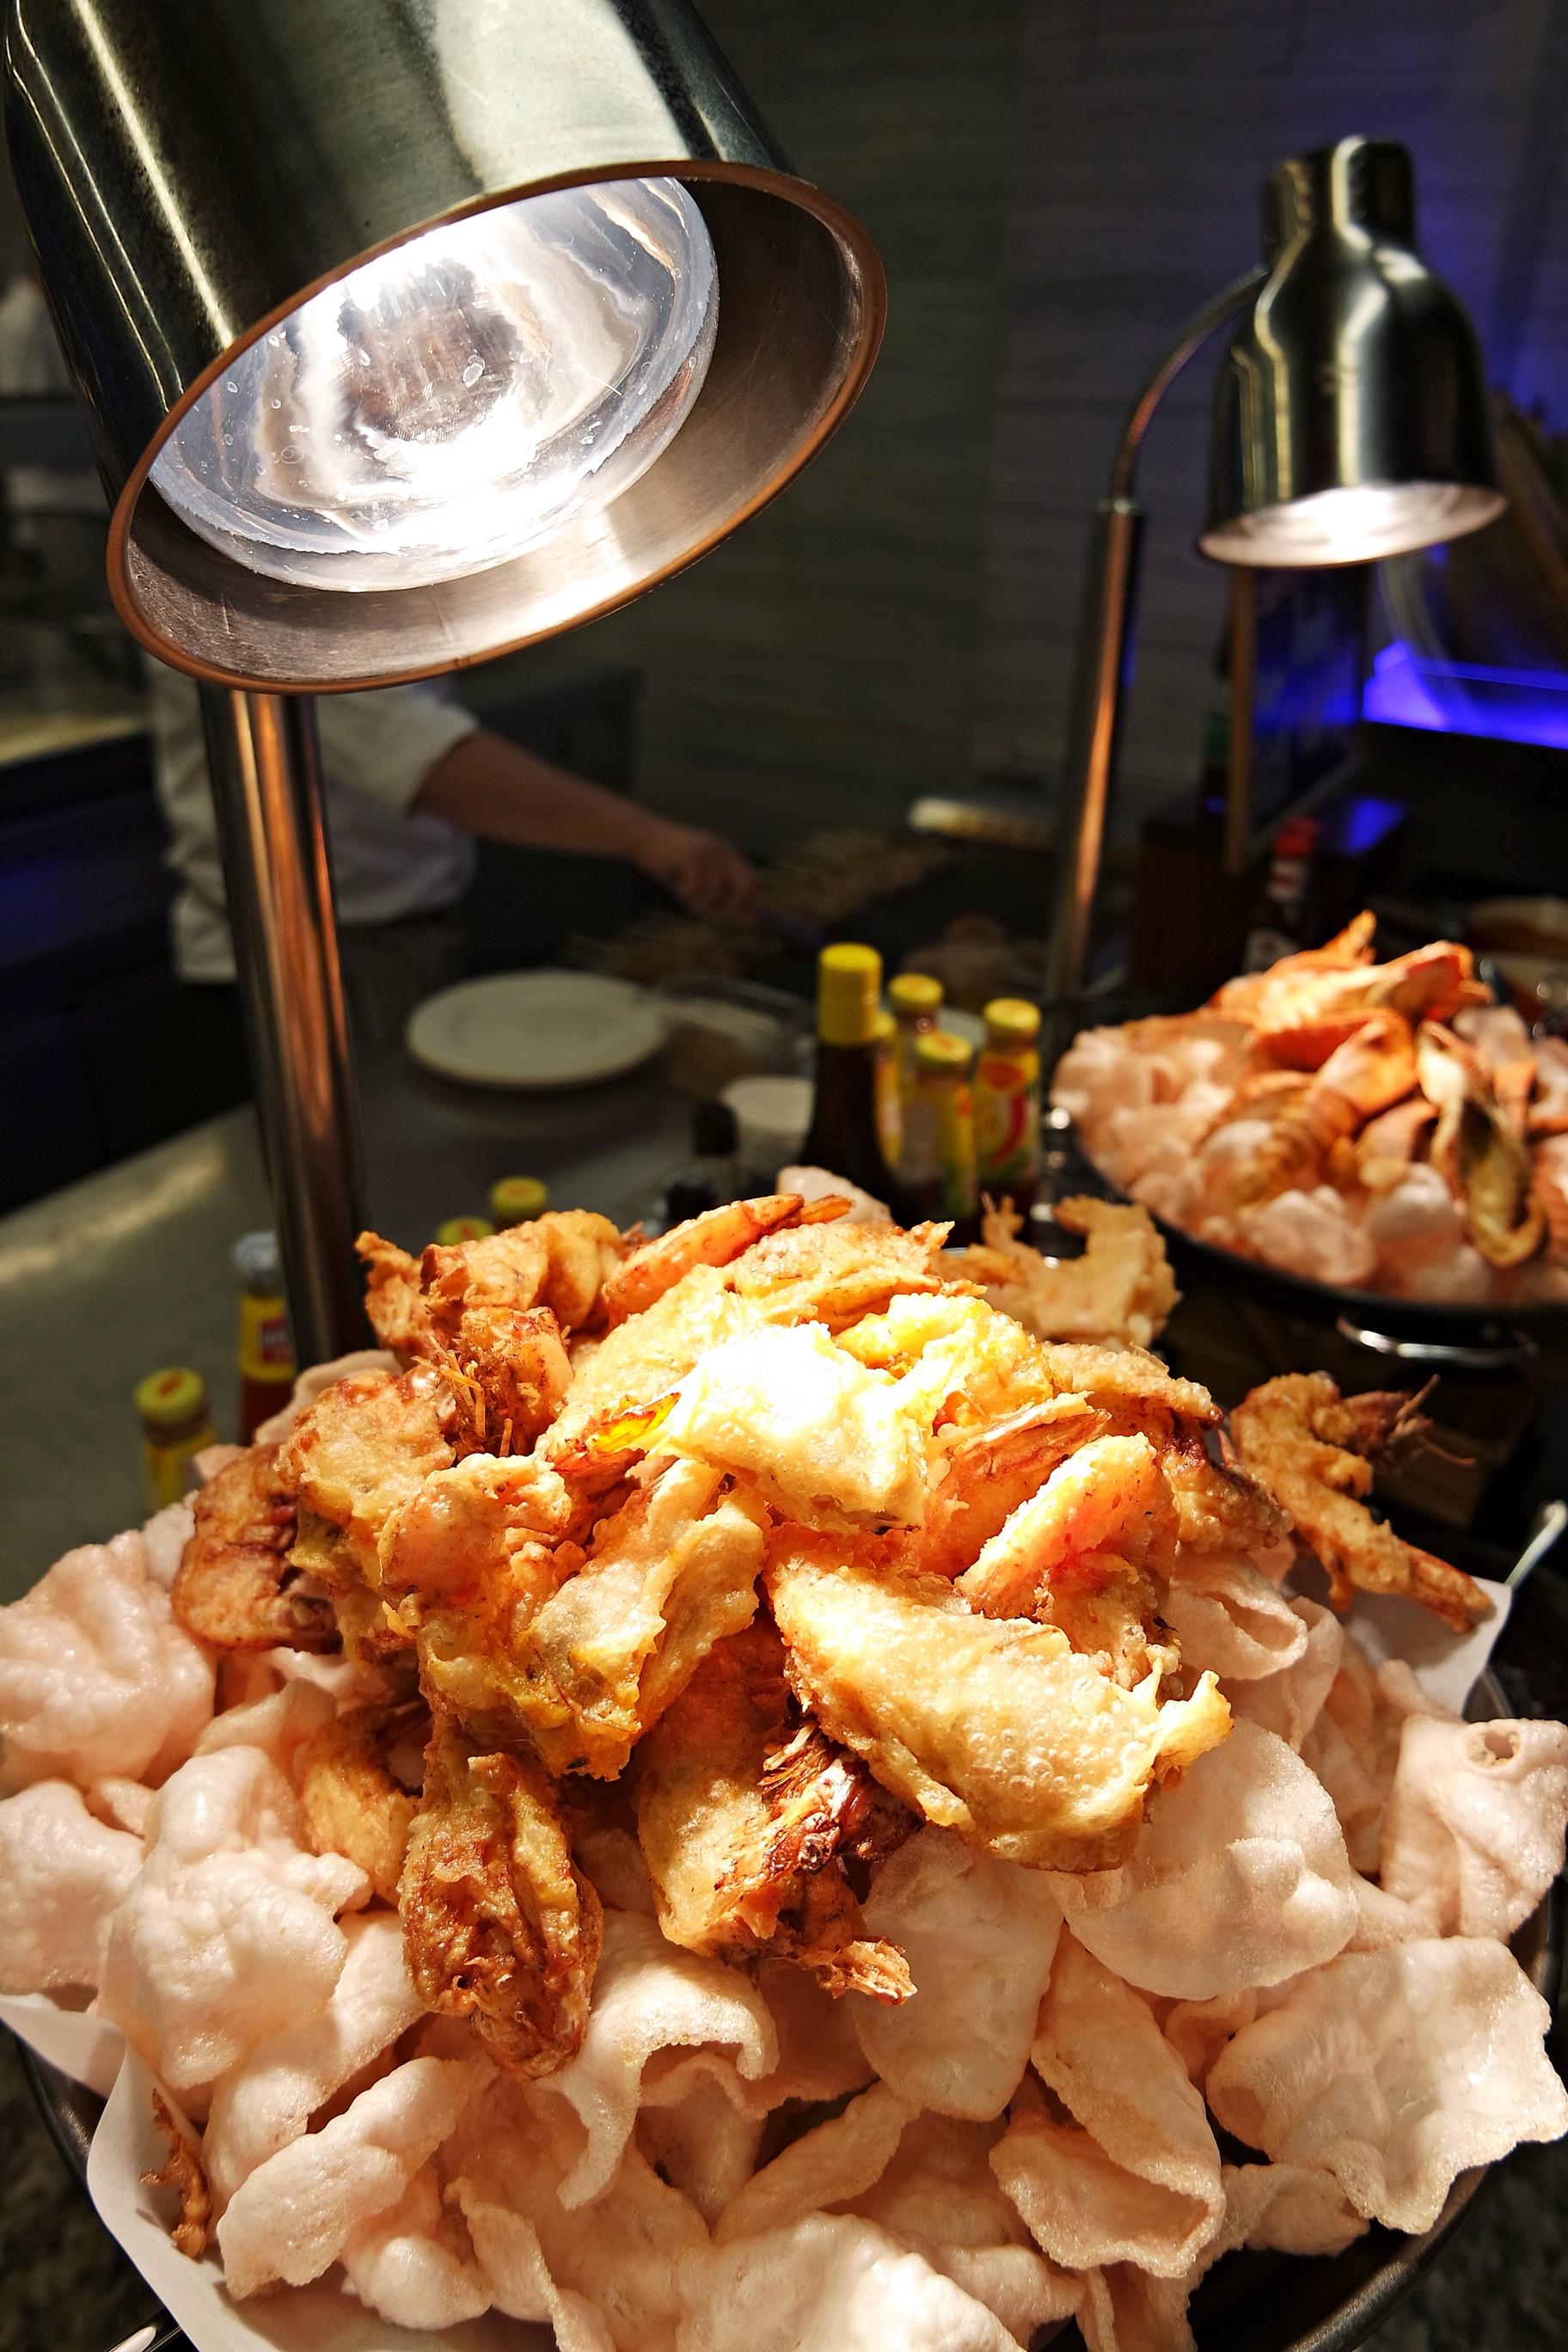 Prawns fried in crispy light batter